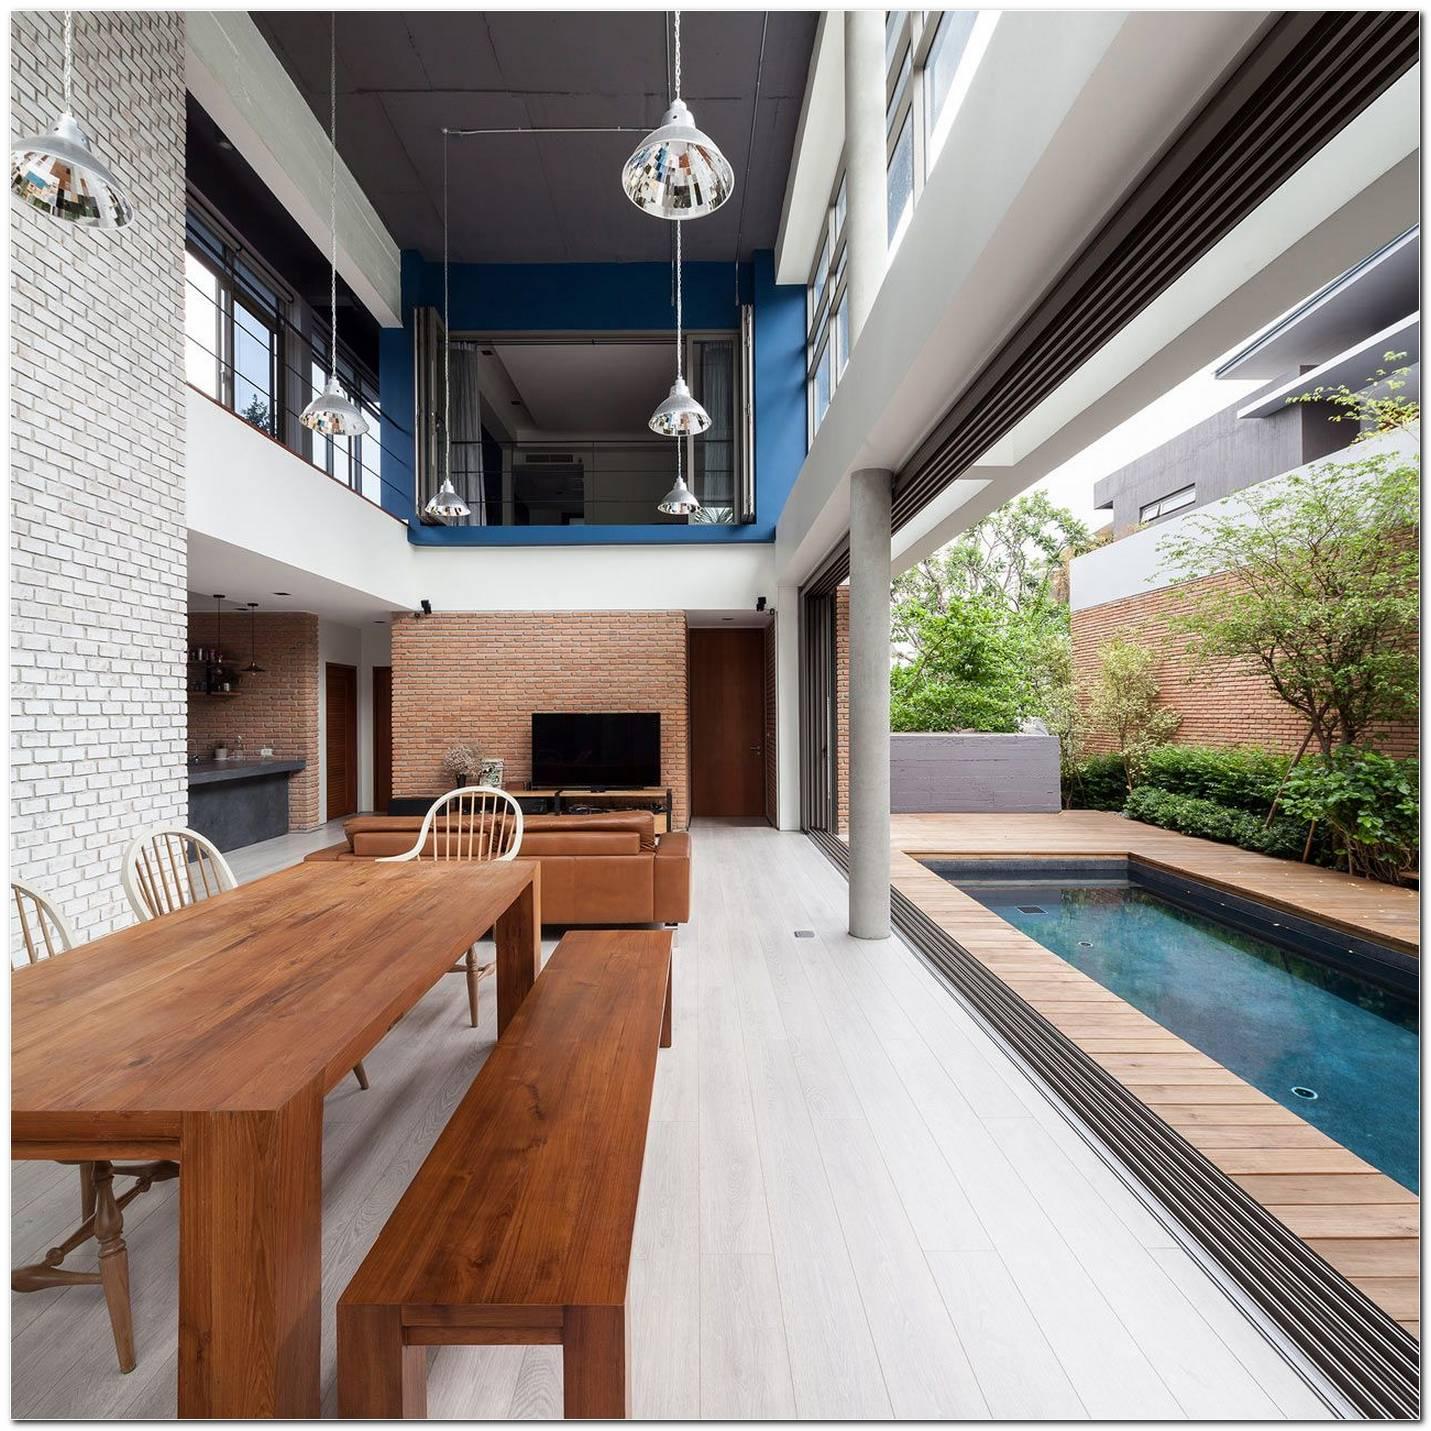 Casas Perfeitas Descubra 40 Projetos Por Dentro E Por Fora